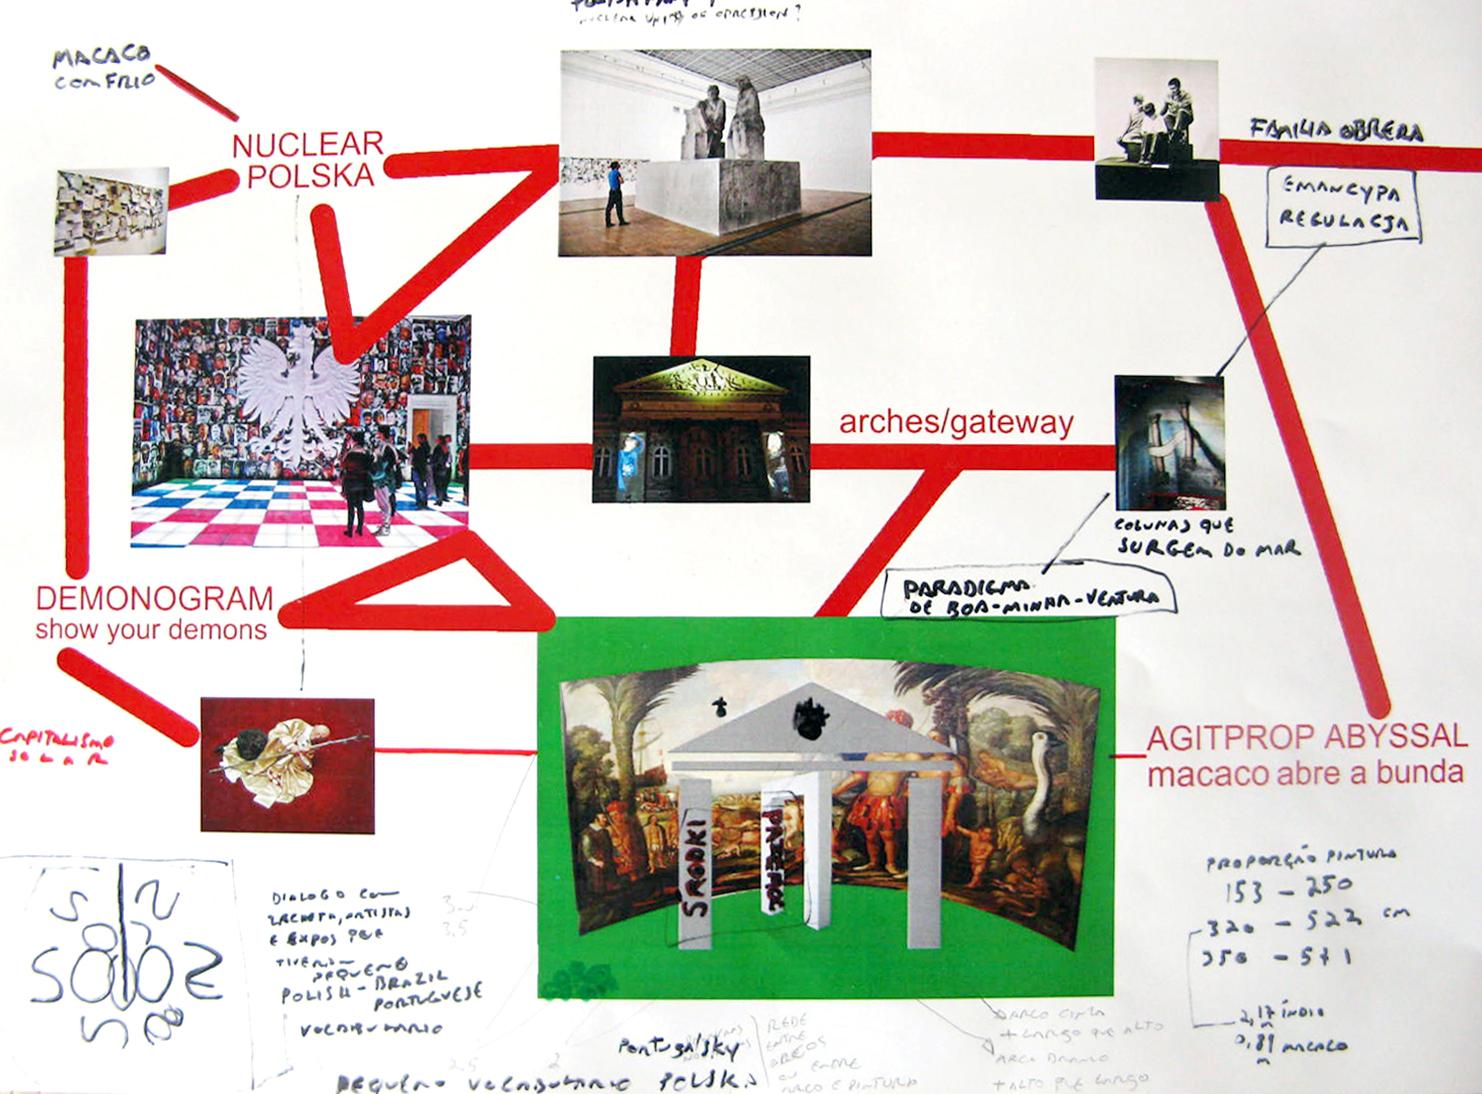 Leandro Nerefuh, Demonográfico (Demonografia) - szkic do plakatu propagandowego z prorokiem, istotą pogańską i ochotnikami, 2013, technika mieszana, dzięki uprzejmości artysty